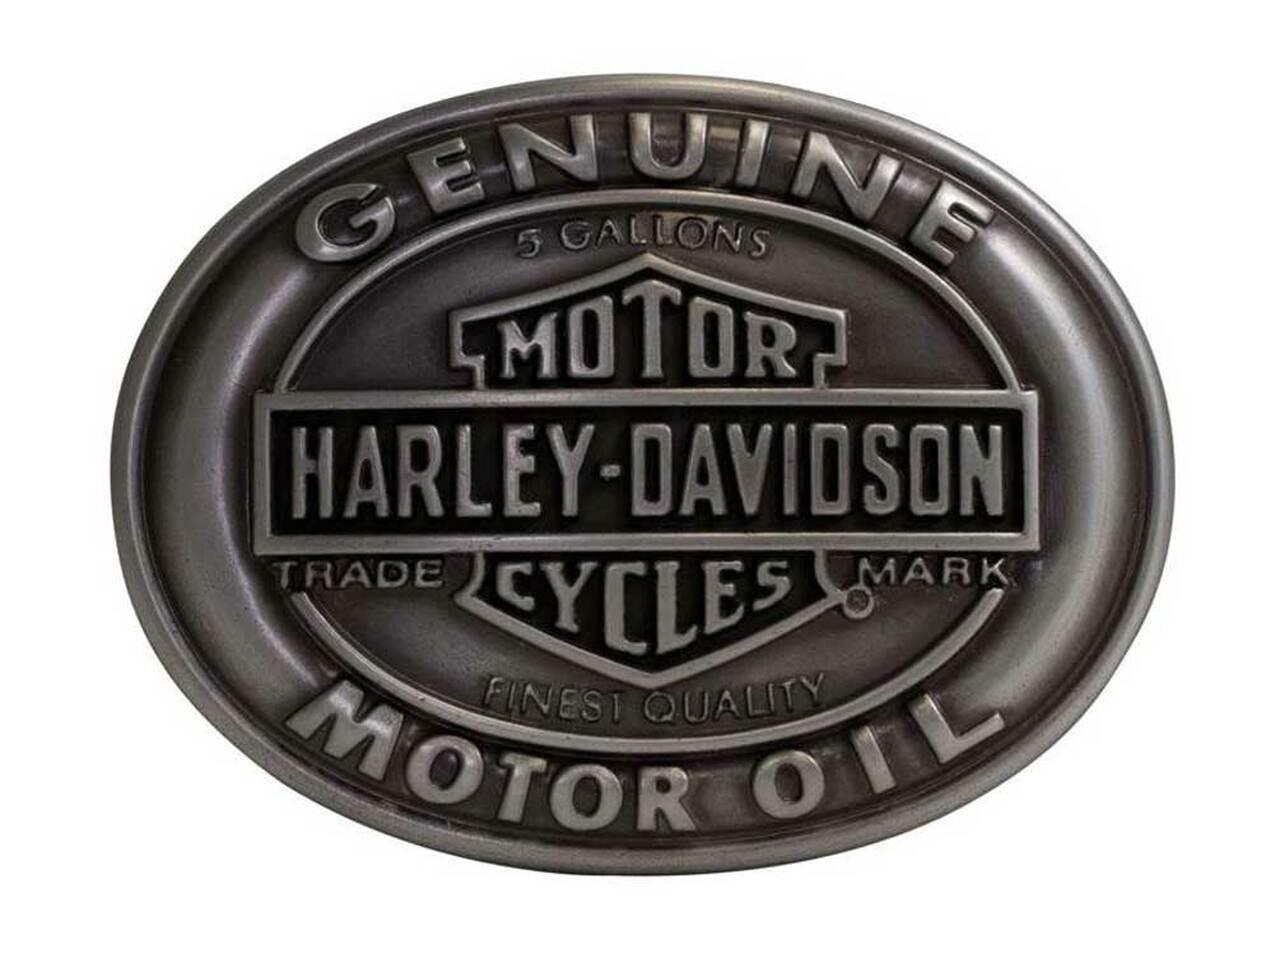 HARLEY DAVIDSON GENUINE MOTOR OIL